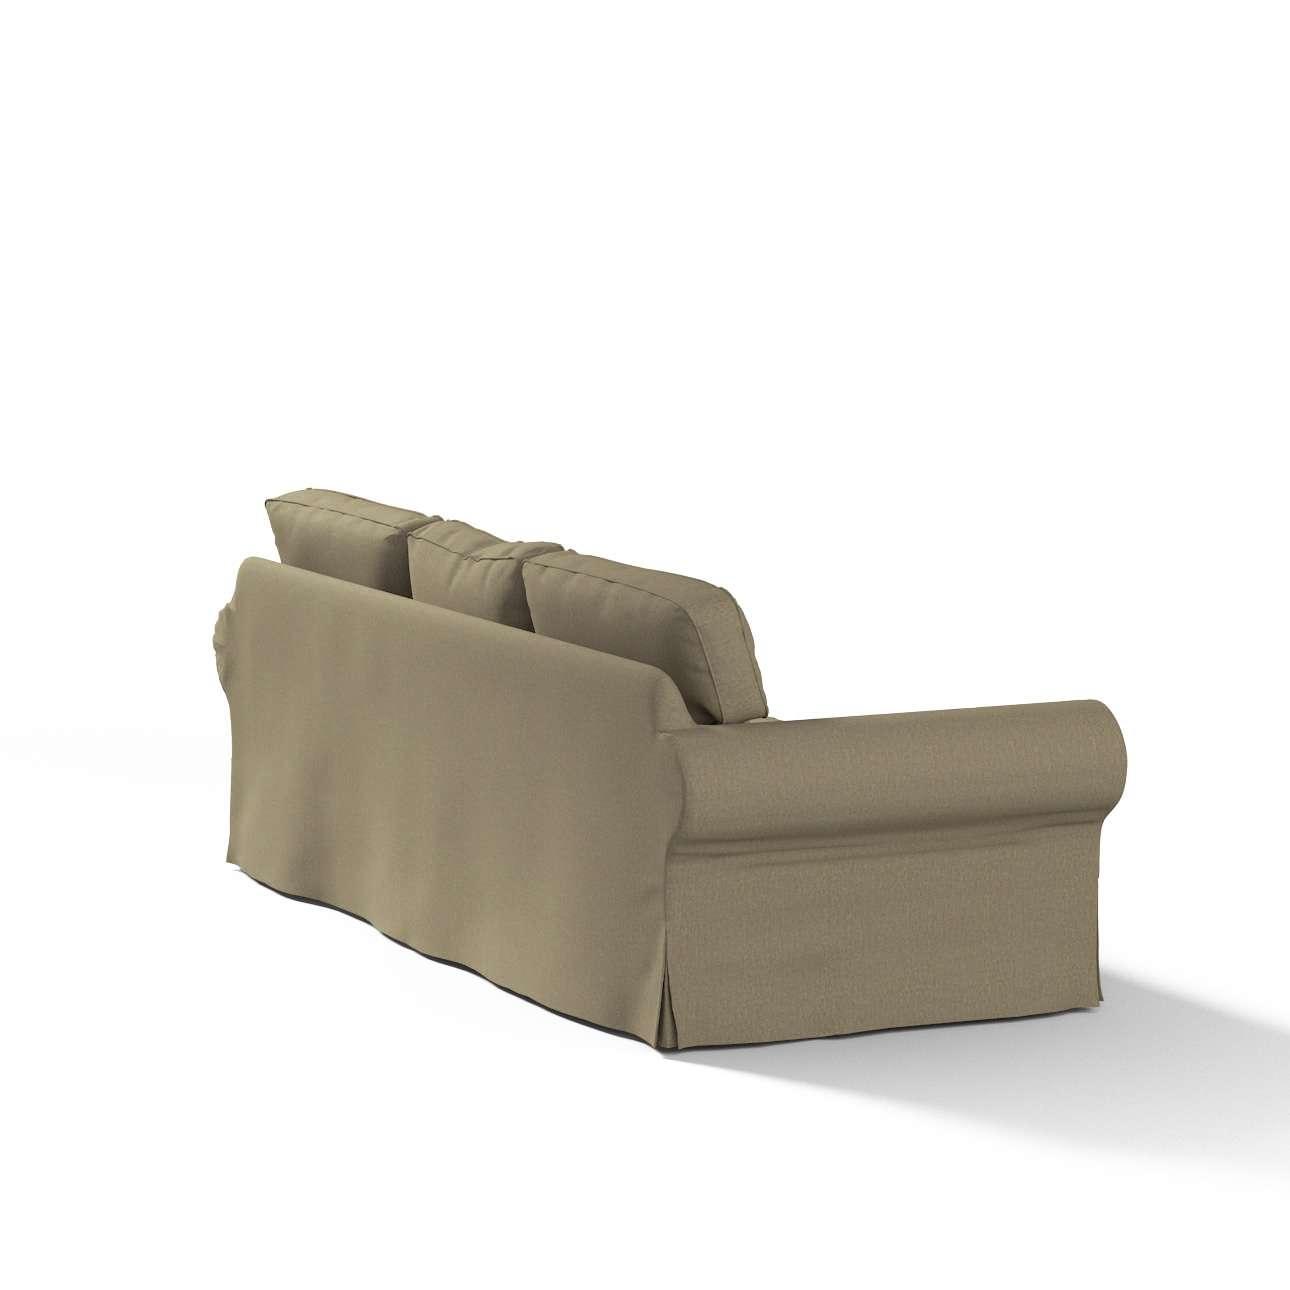 Pokrowiec na sofę Ektorp 3-osobową, rozkładaną NOWY MODEL 2013 Ektorp 3-os rozkładany nowy model 2013 w kolekcji Chenille, tkanina: 702-21